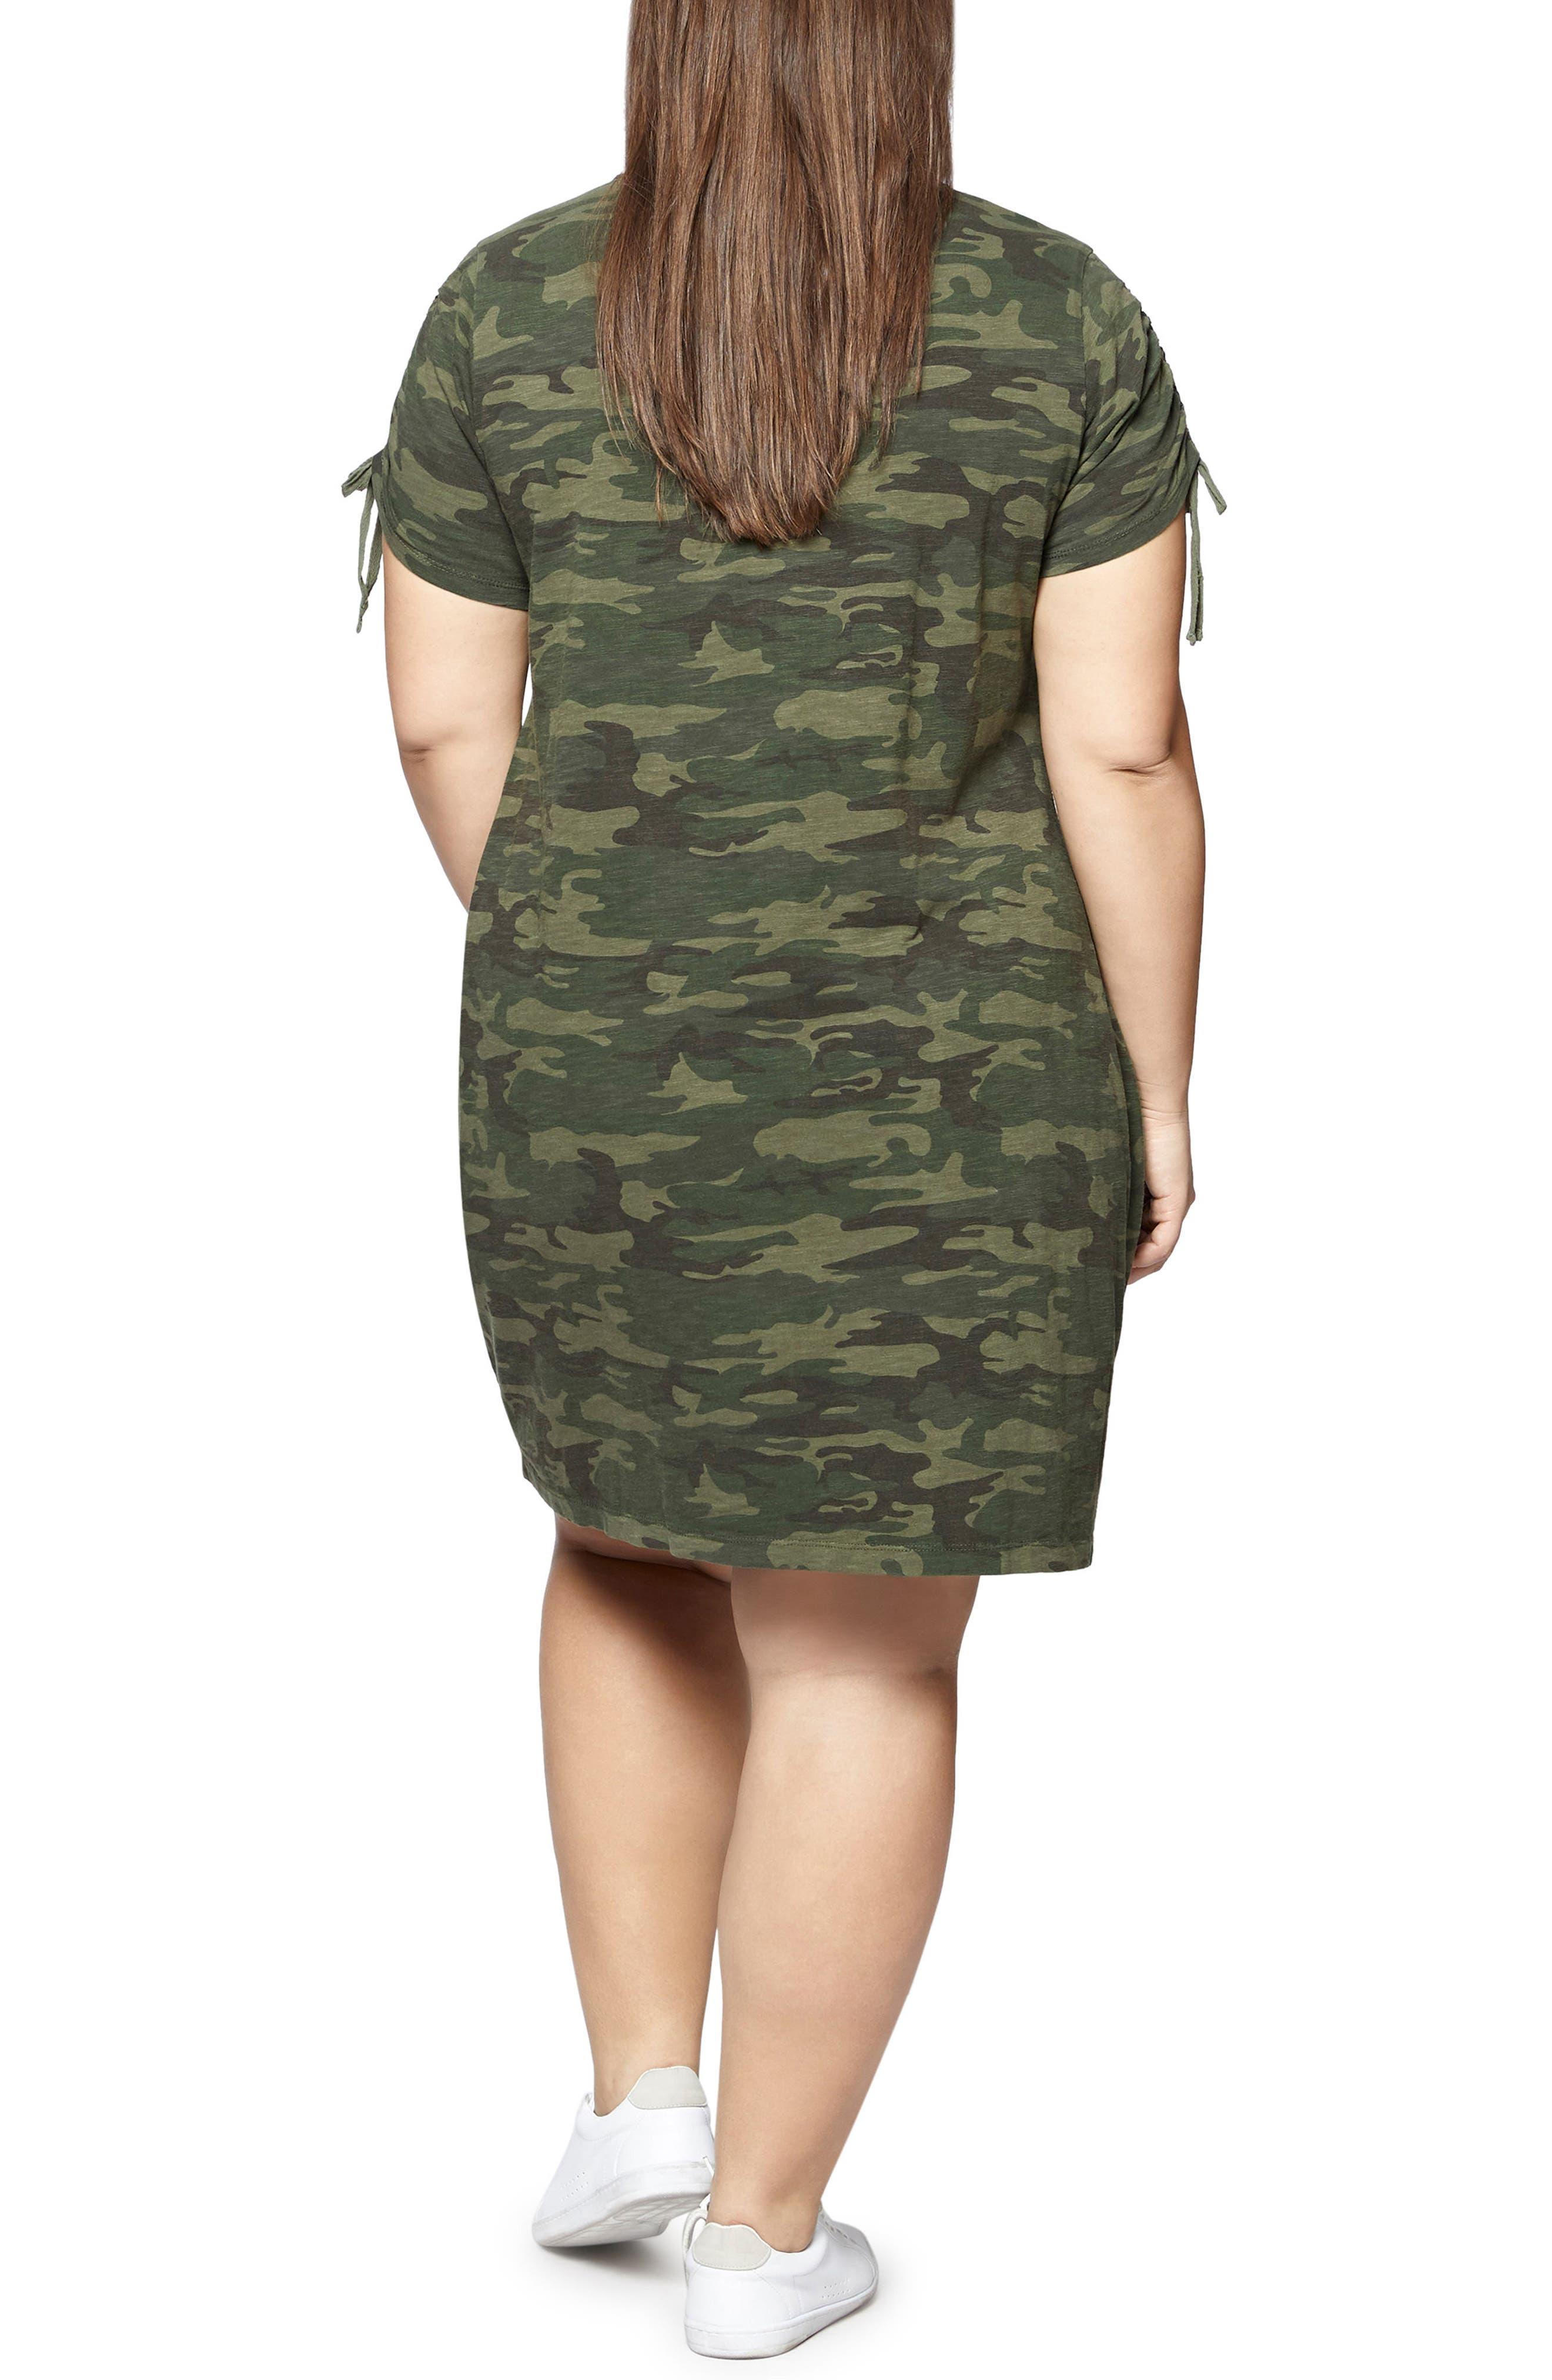 Ojai Camo T-Shirt Dress,                             Alternate thumbnail 2, color,                             MOTHER NATURE CAMO